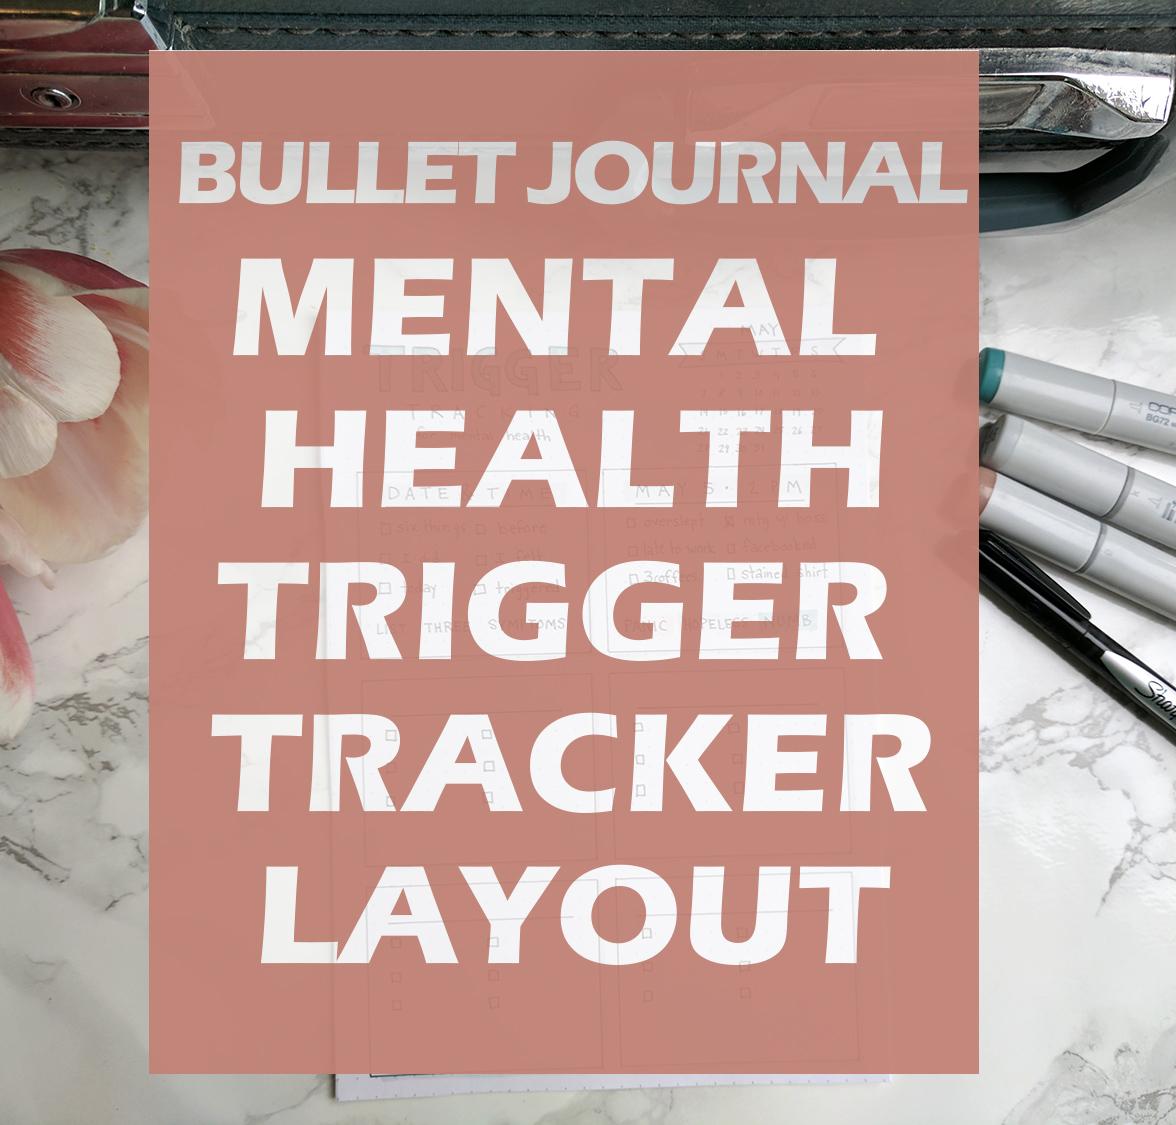 bullet journal mental health trigger tracker